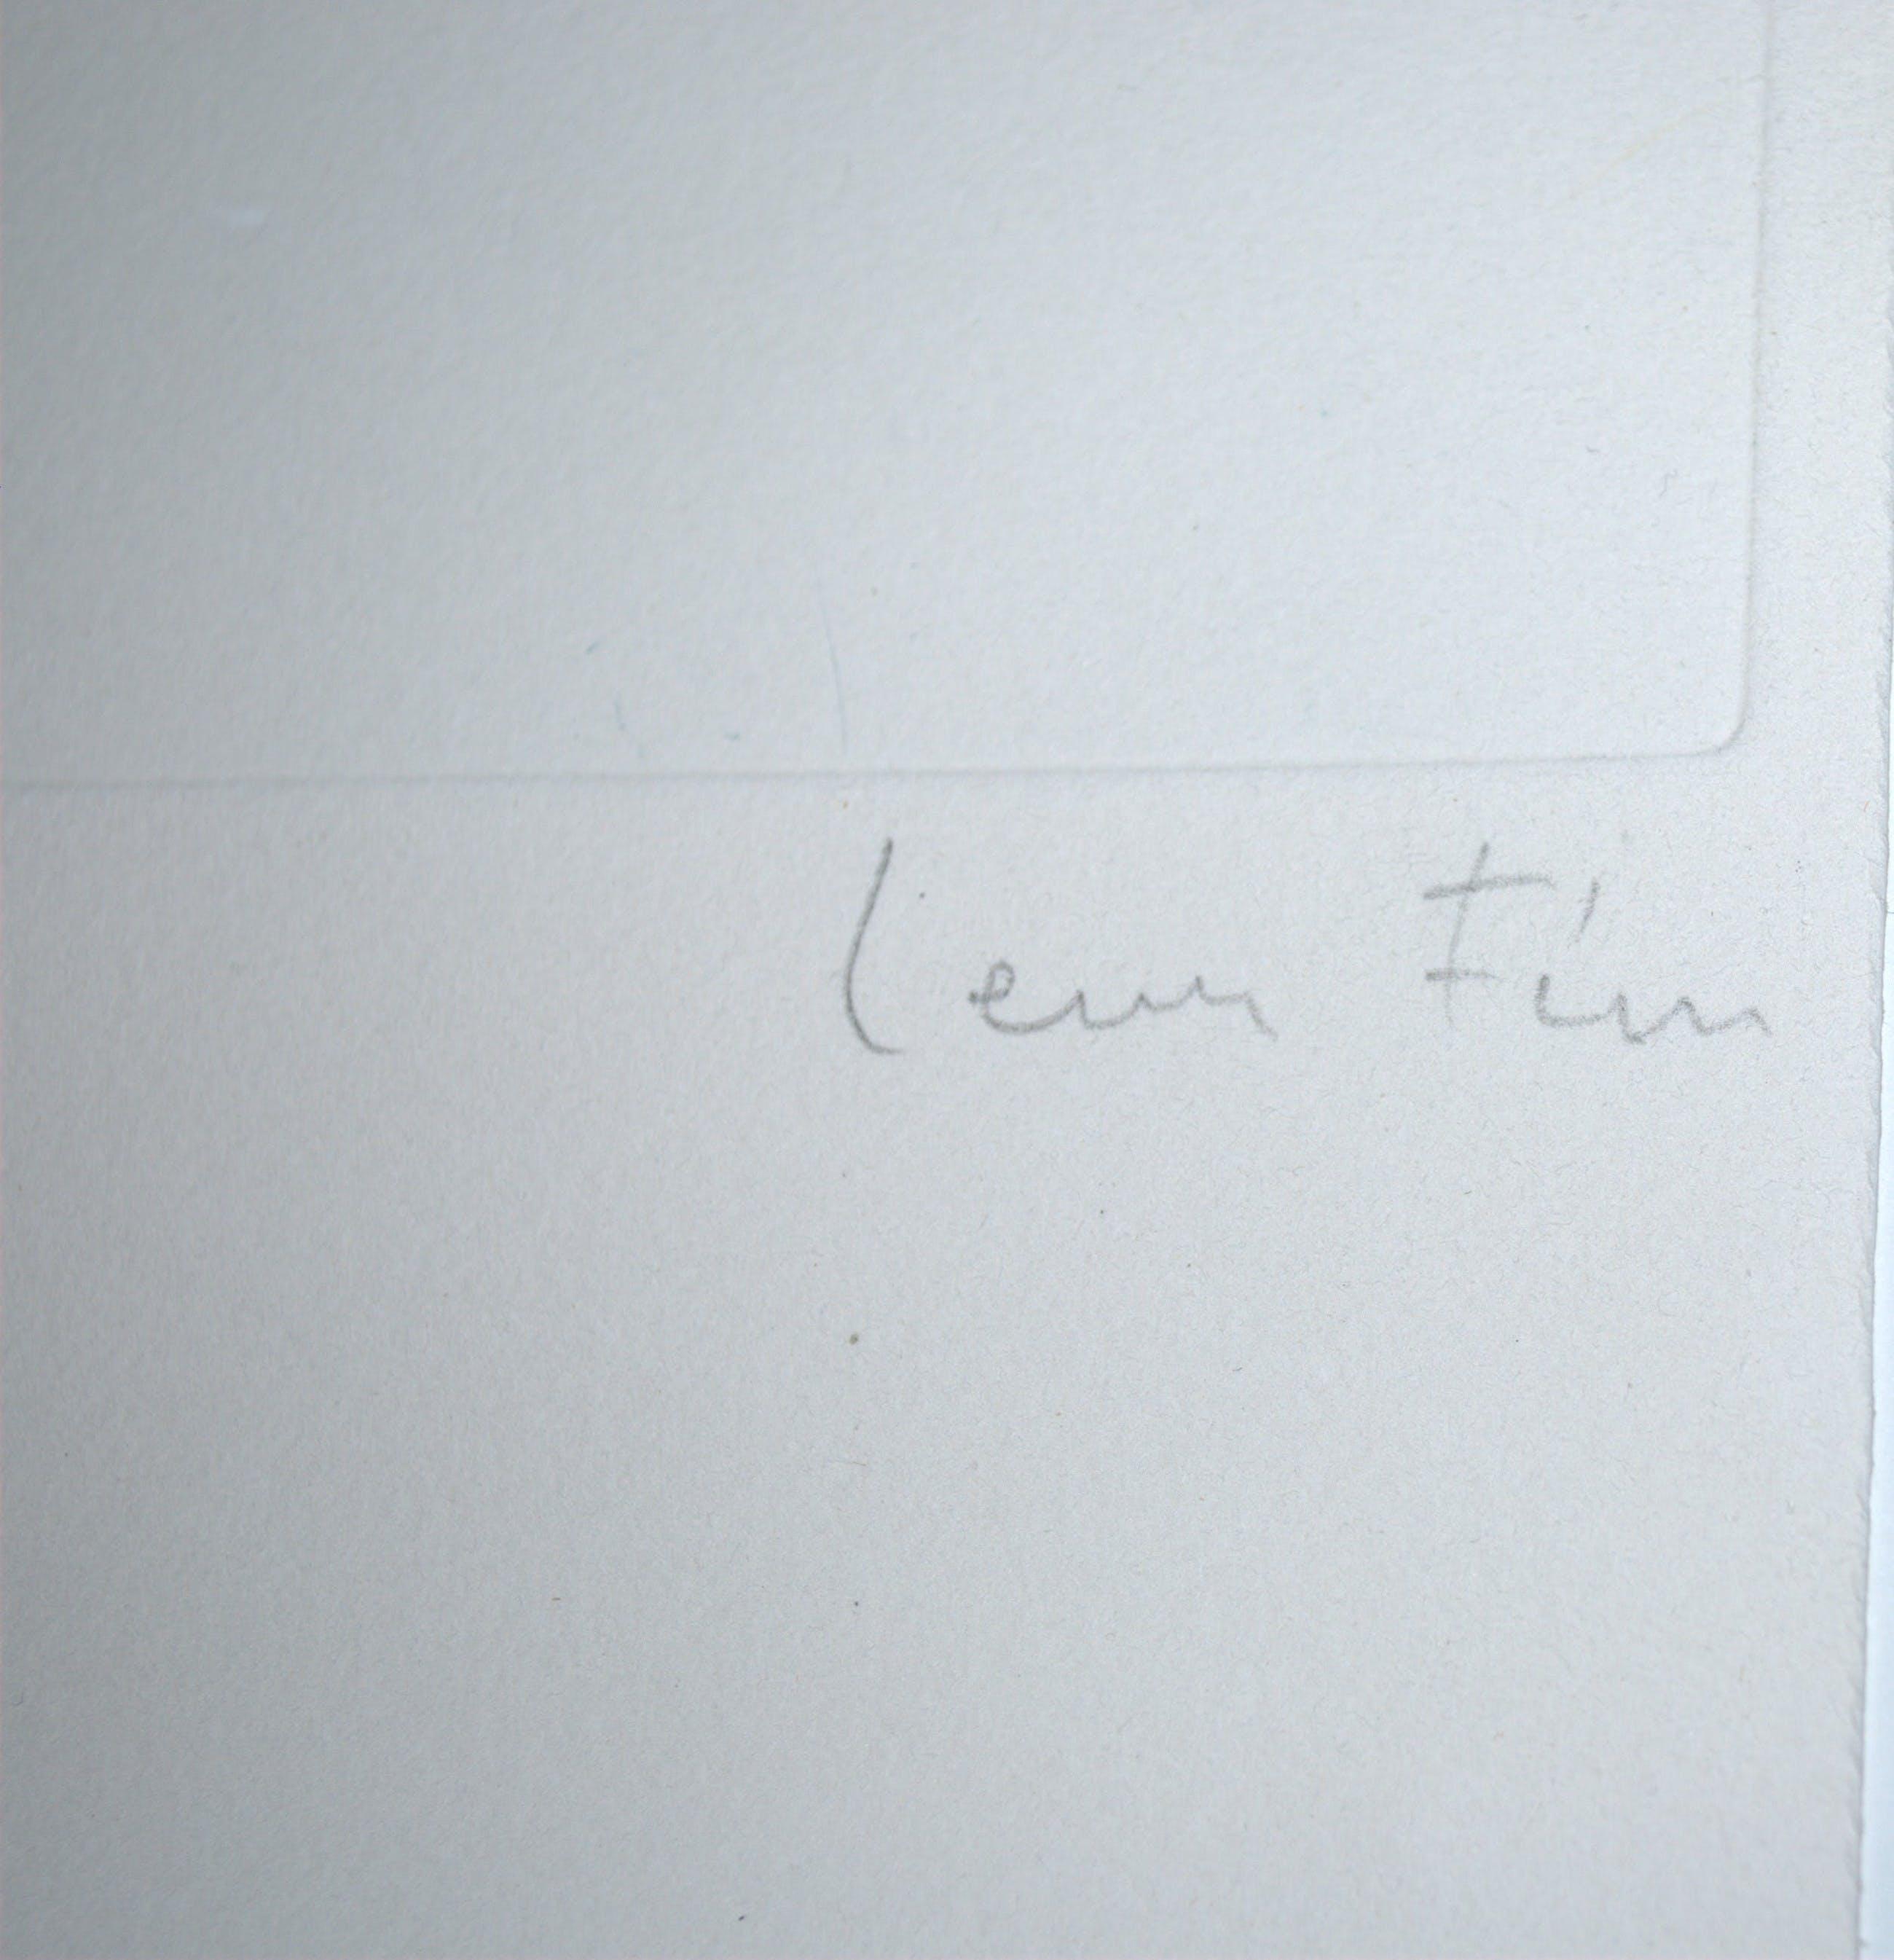 Sam Drukker - LITHO naakt >extra> ETS door Leonor FINI kopen? Bied vanaf 75!